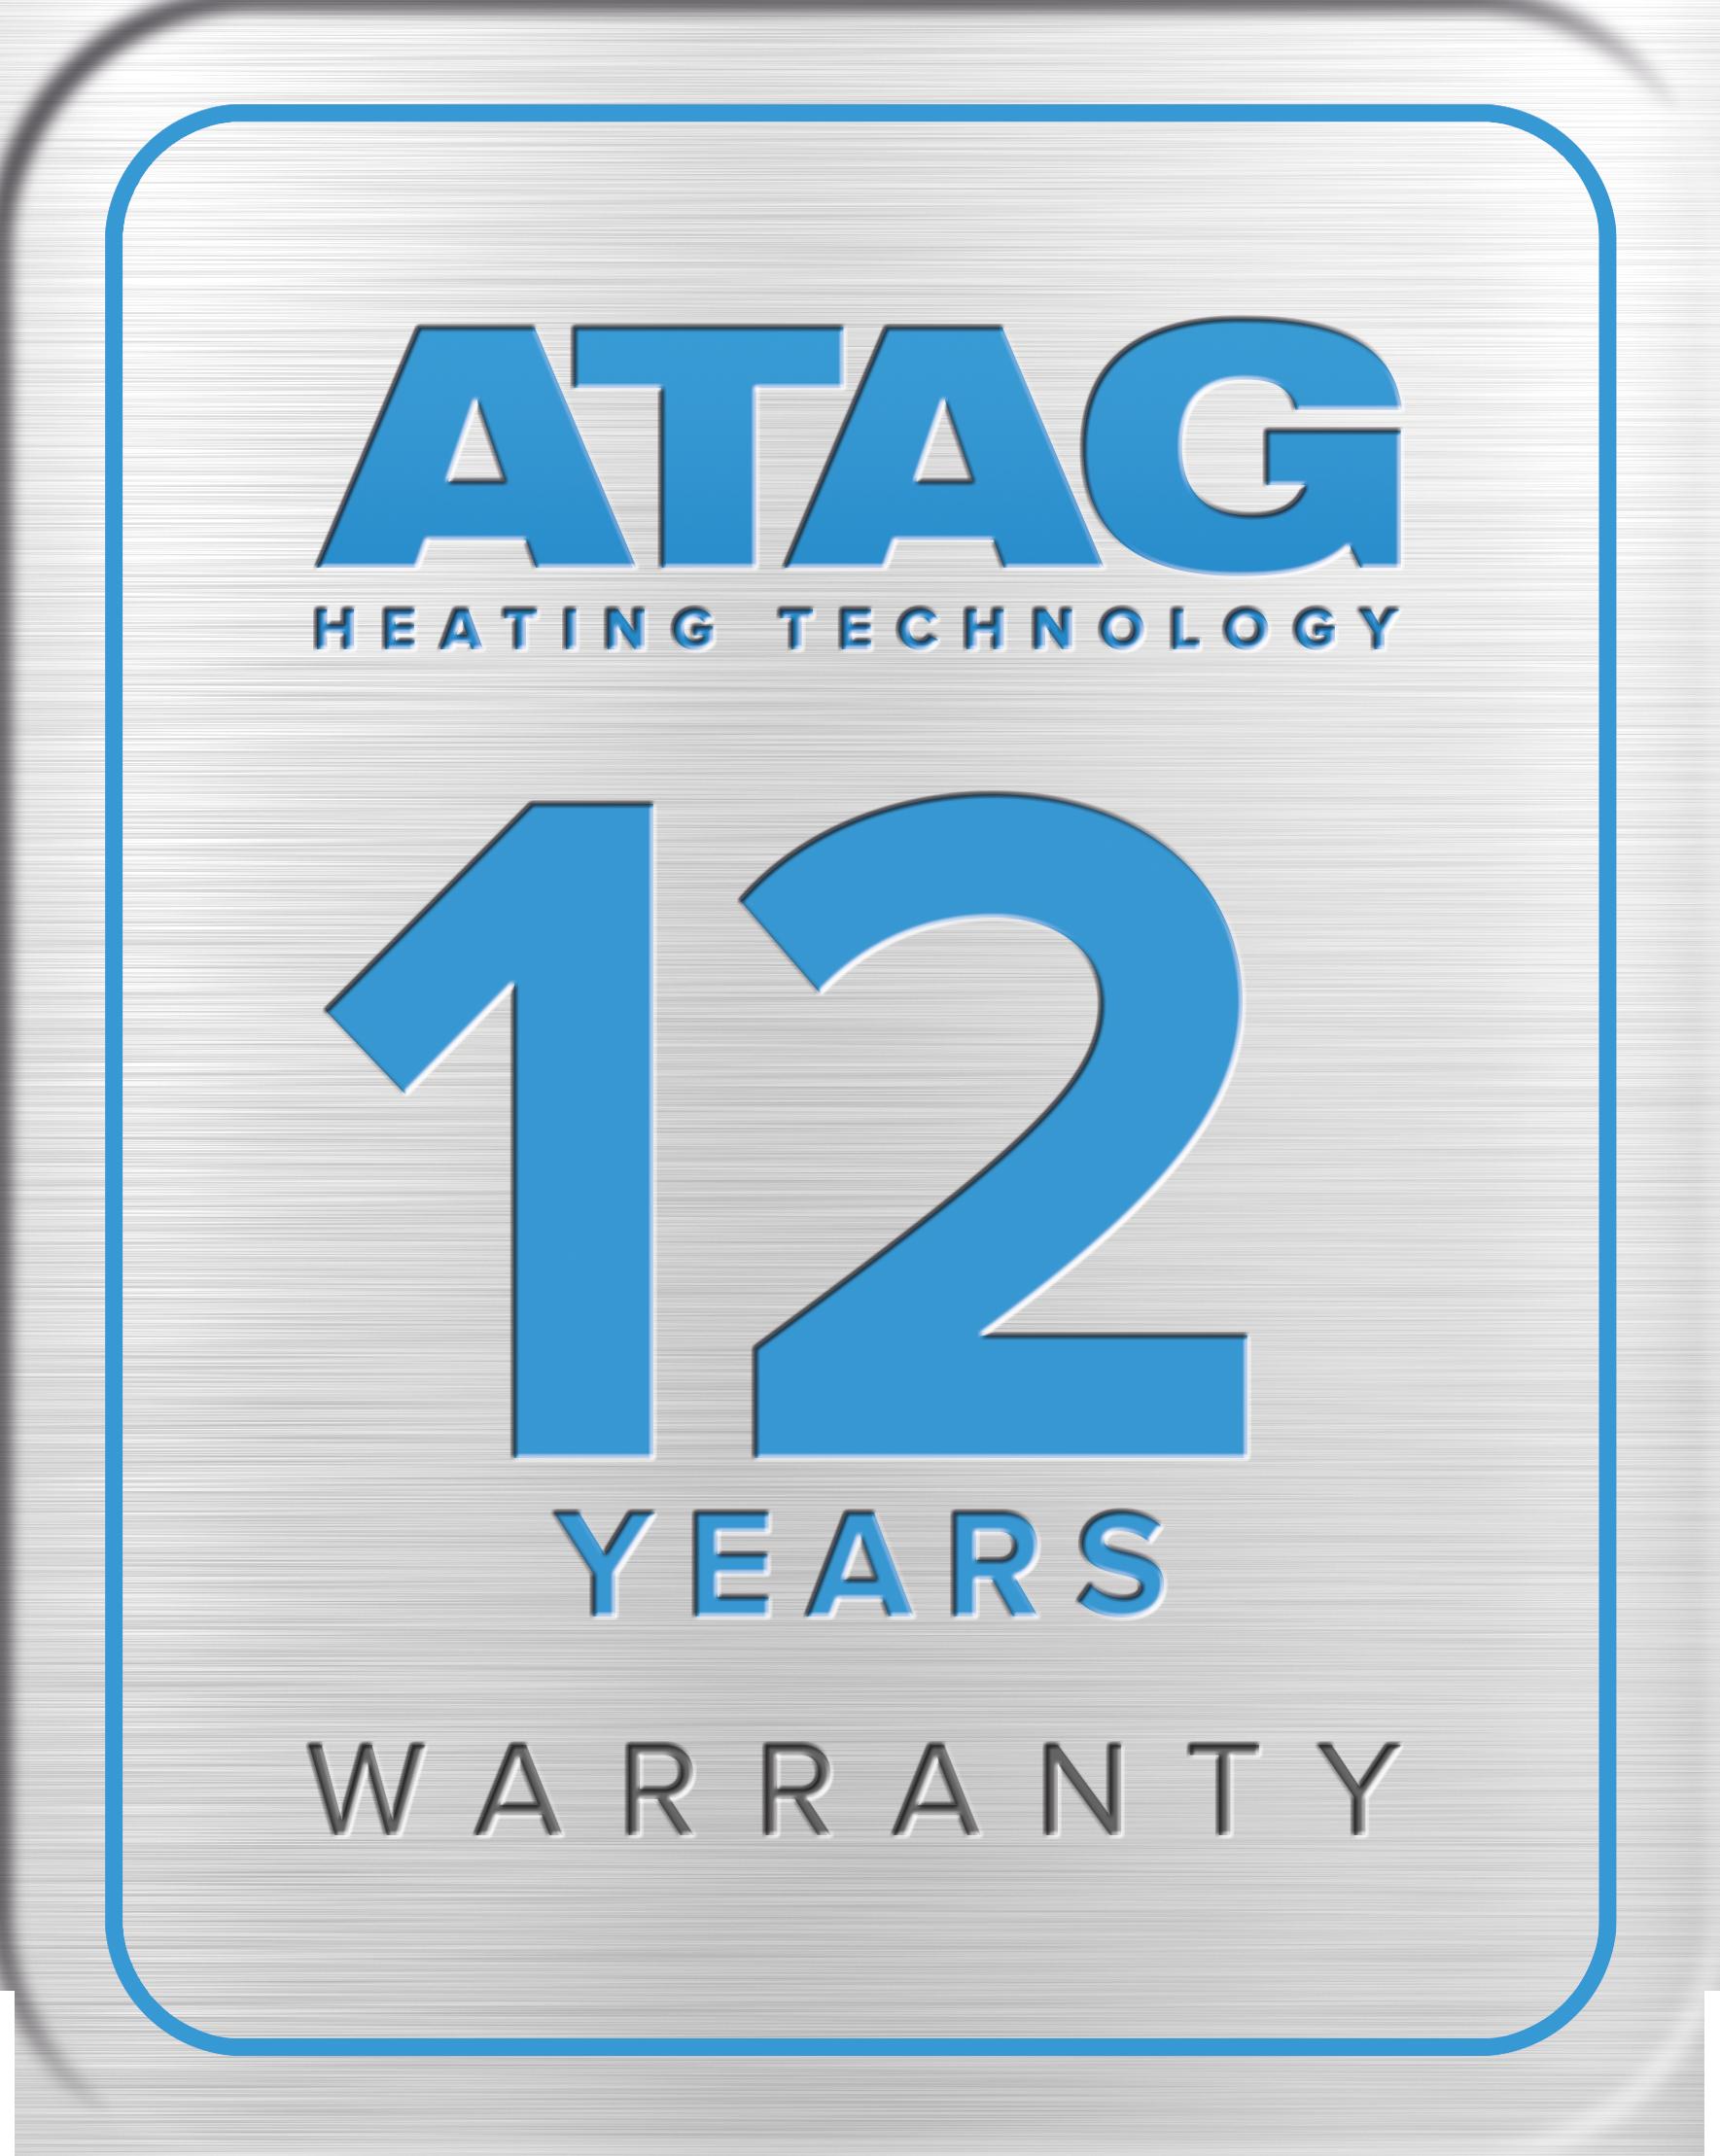 ATAG 12 YEARS Warranty 300 dpi